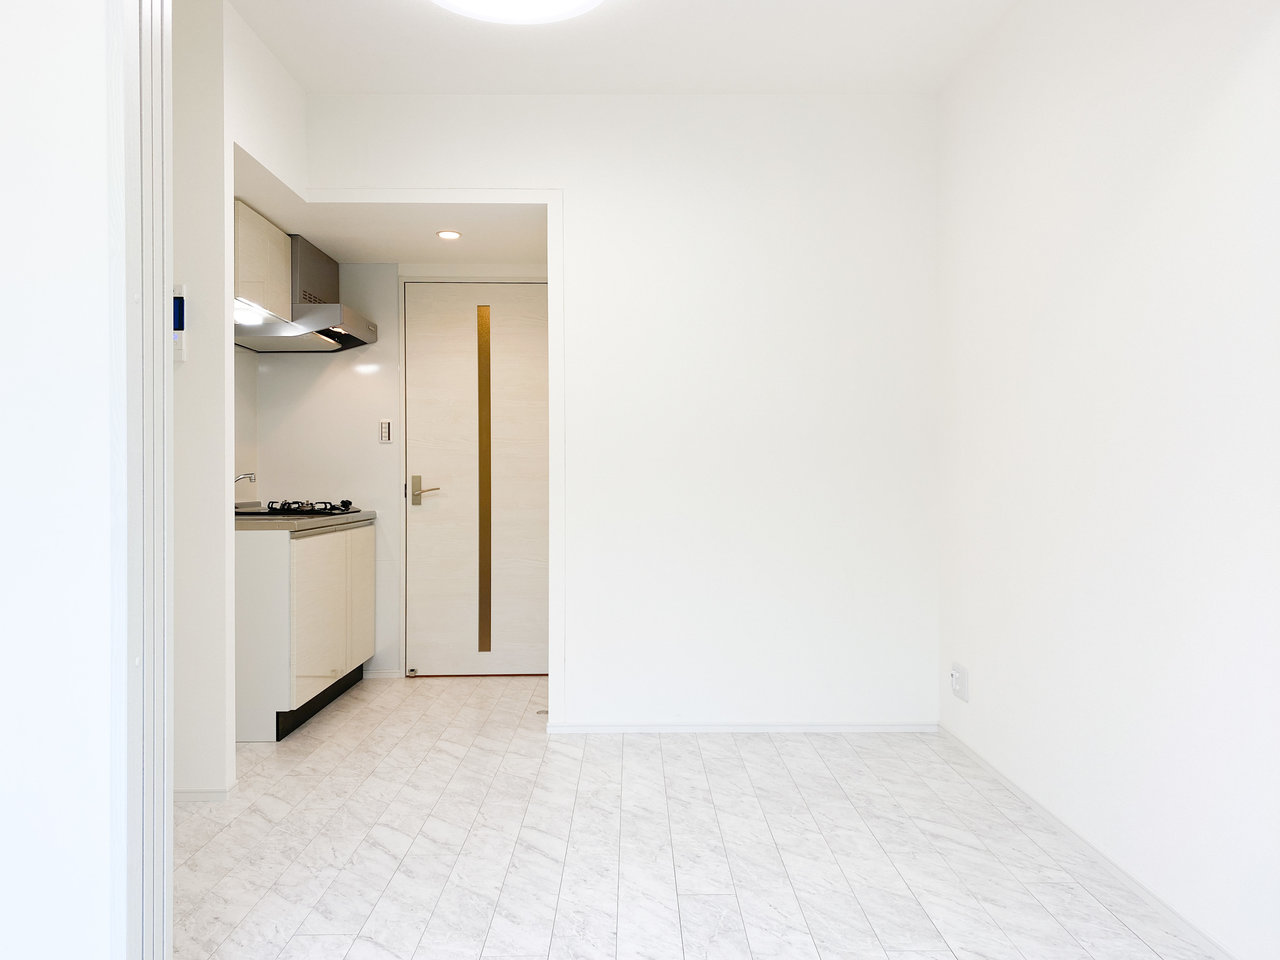 床の模様がちょっと特徴的なんです。キッチンはやや奥まった場所にあるため、テーブルの配置を決めやすそう。